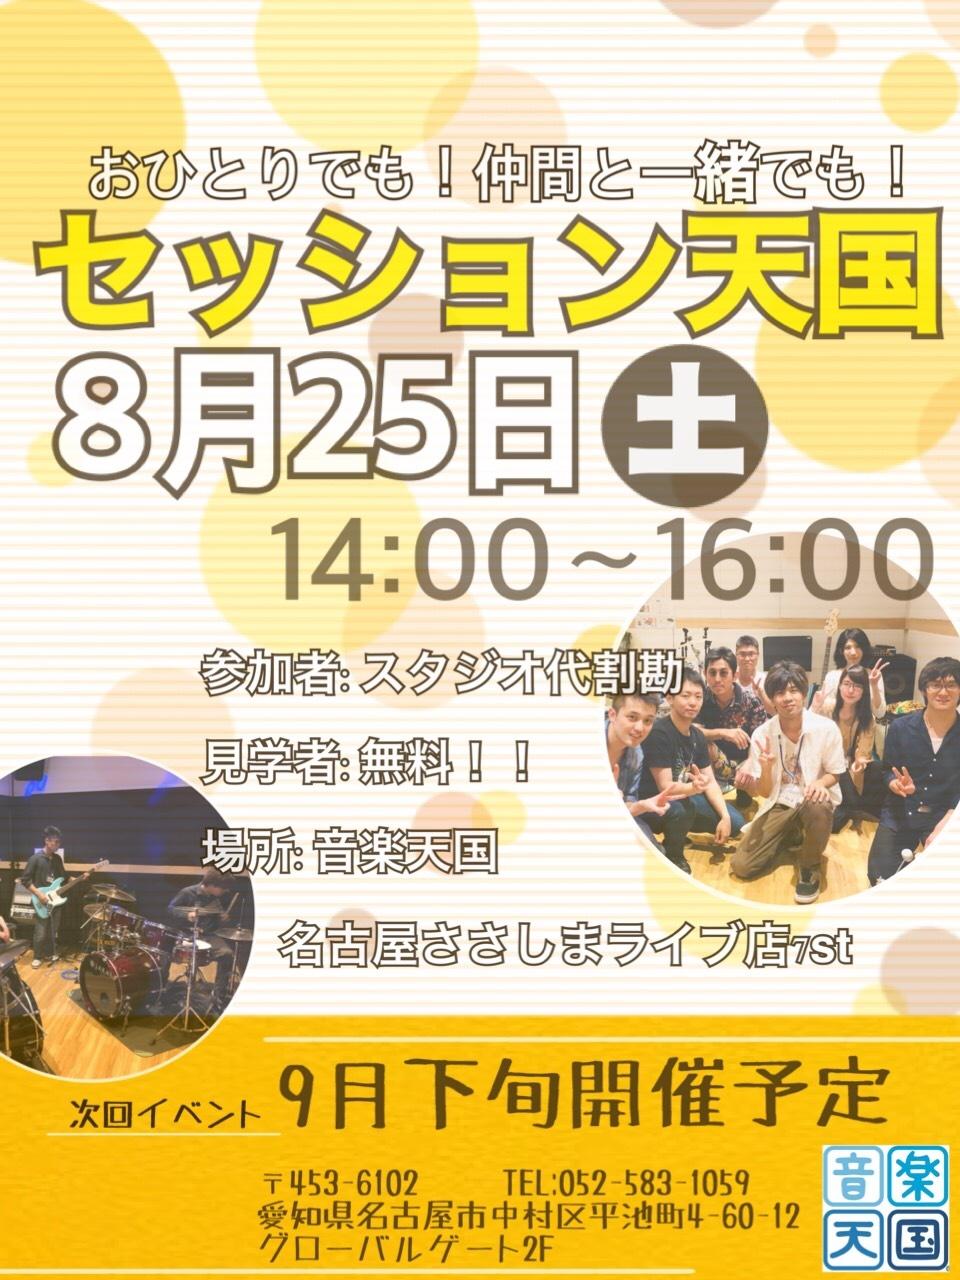 【セッション天国】音楽天国・名古屋ささしまライブ店8月25日(土)開催